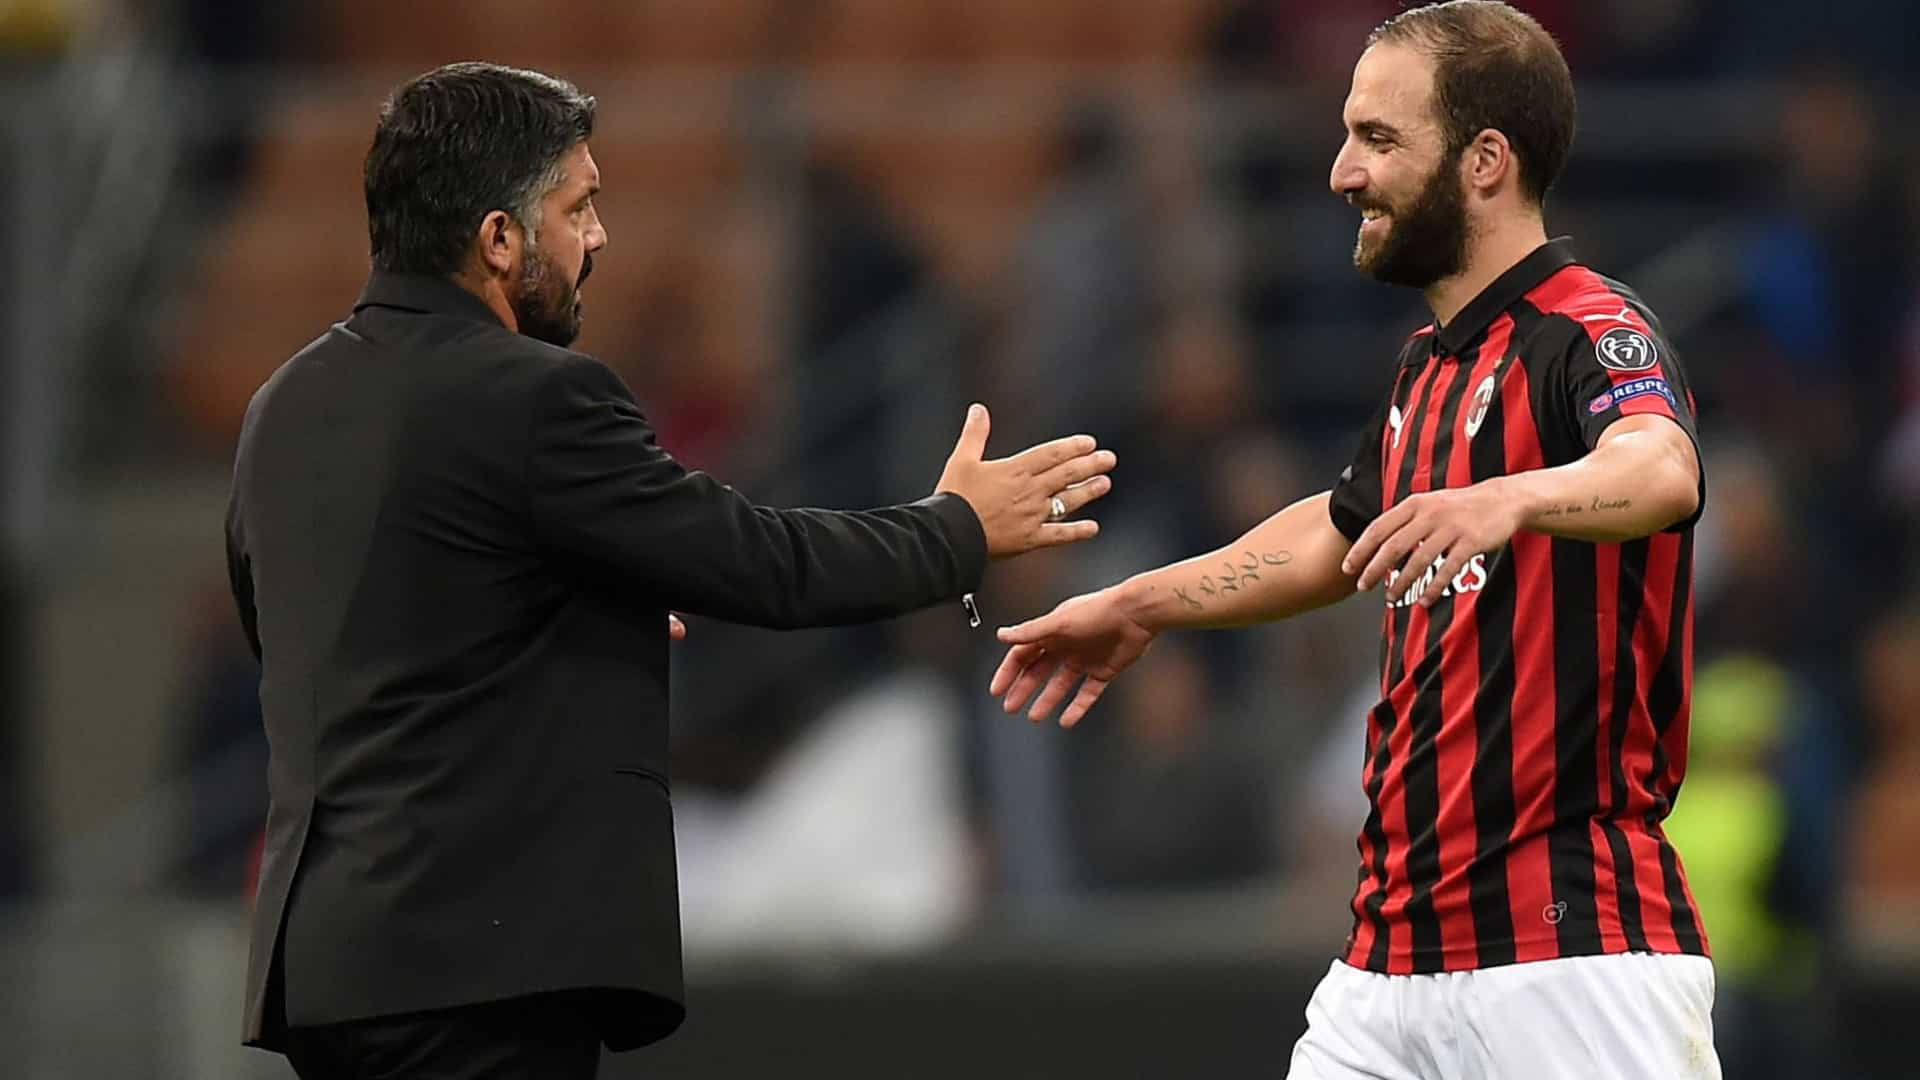 Adeus para breve? Gattuso aborda possível saída de Higuaín do AC Milan